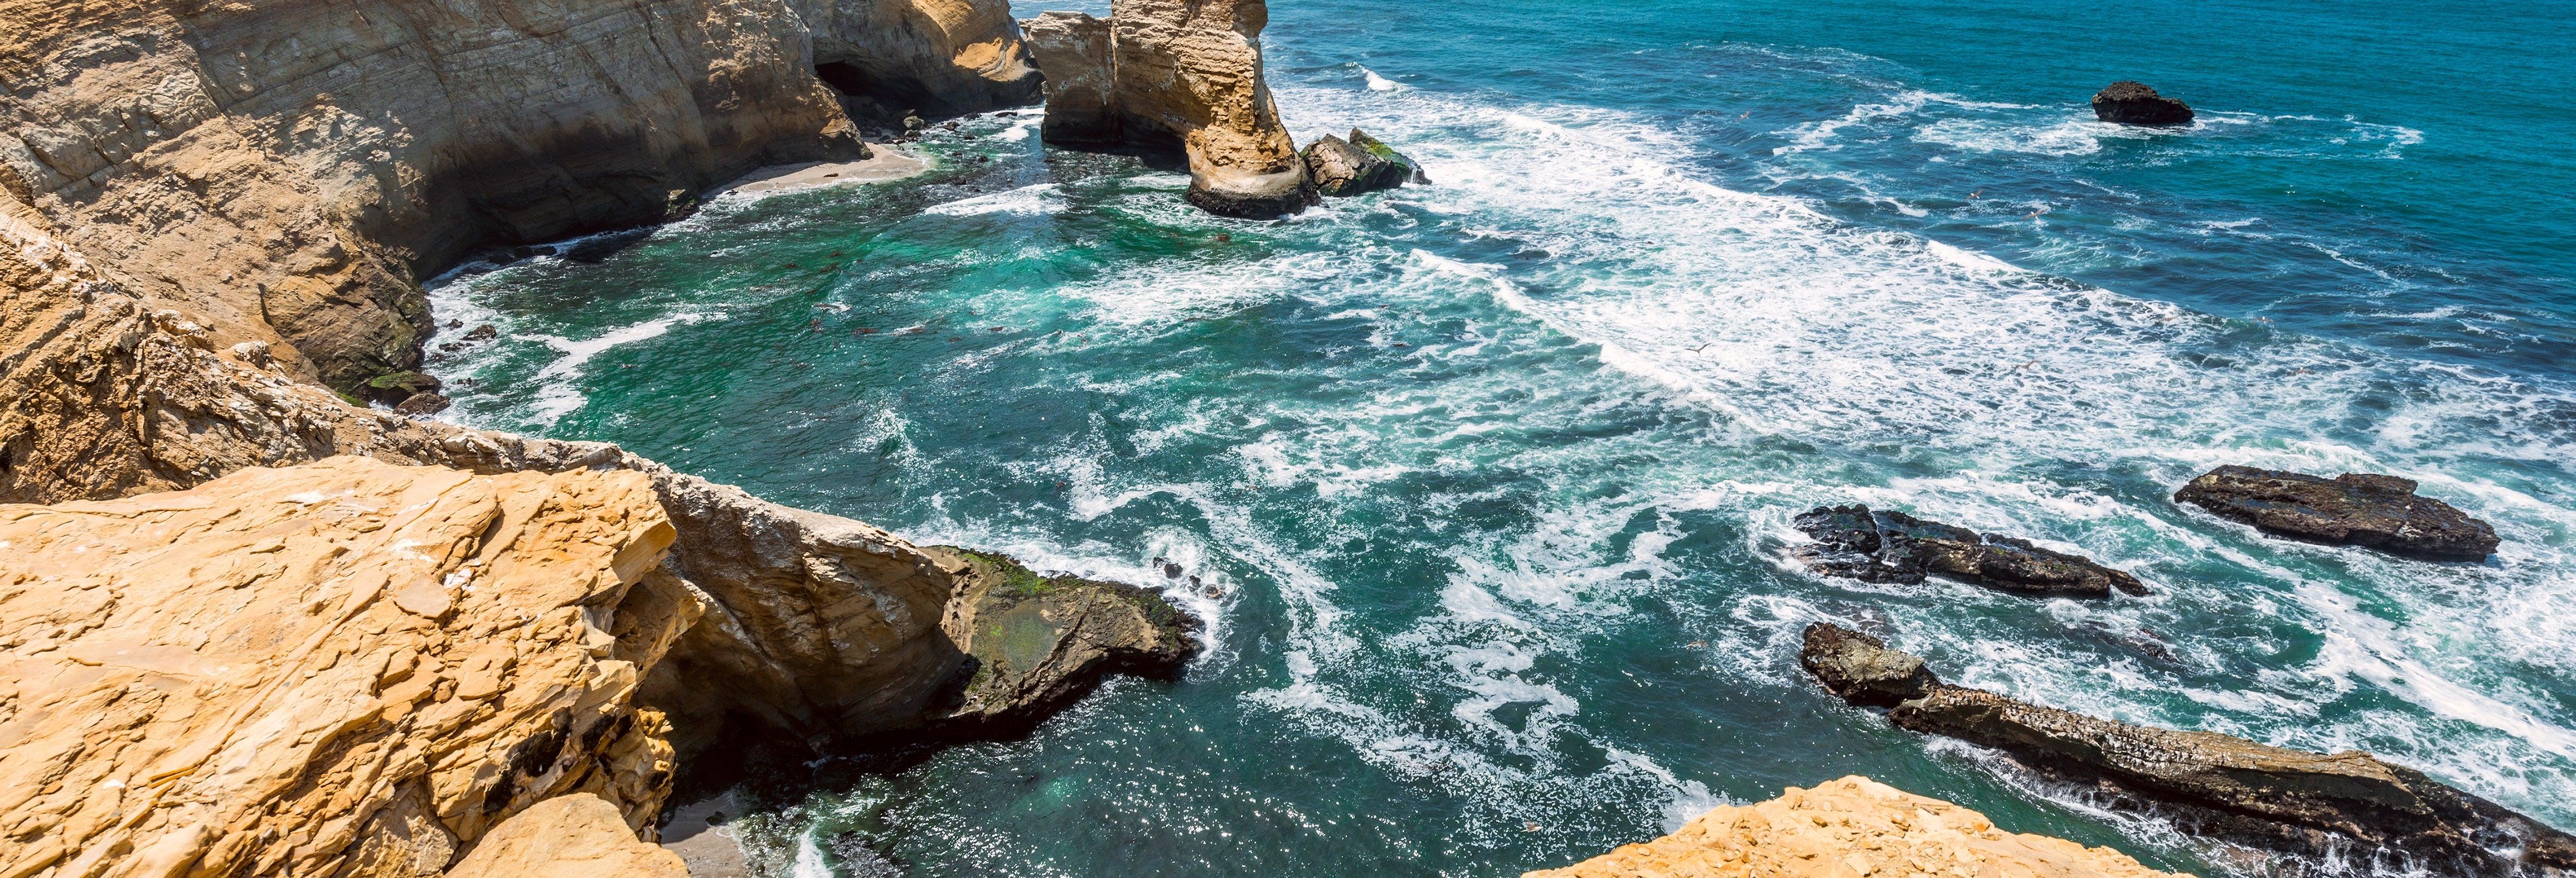 Islas Ballestas + Reserva Nacional de Paracas